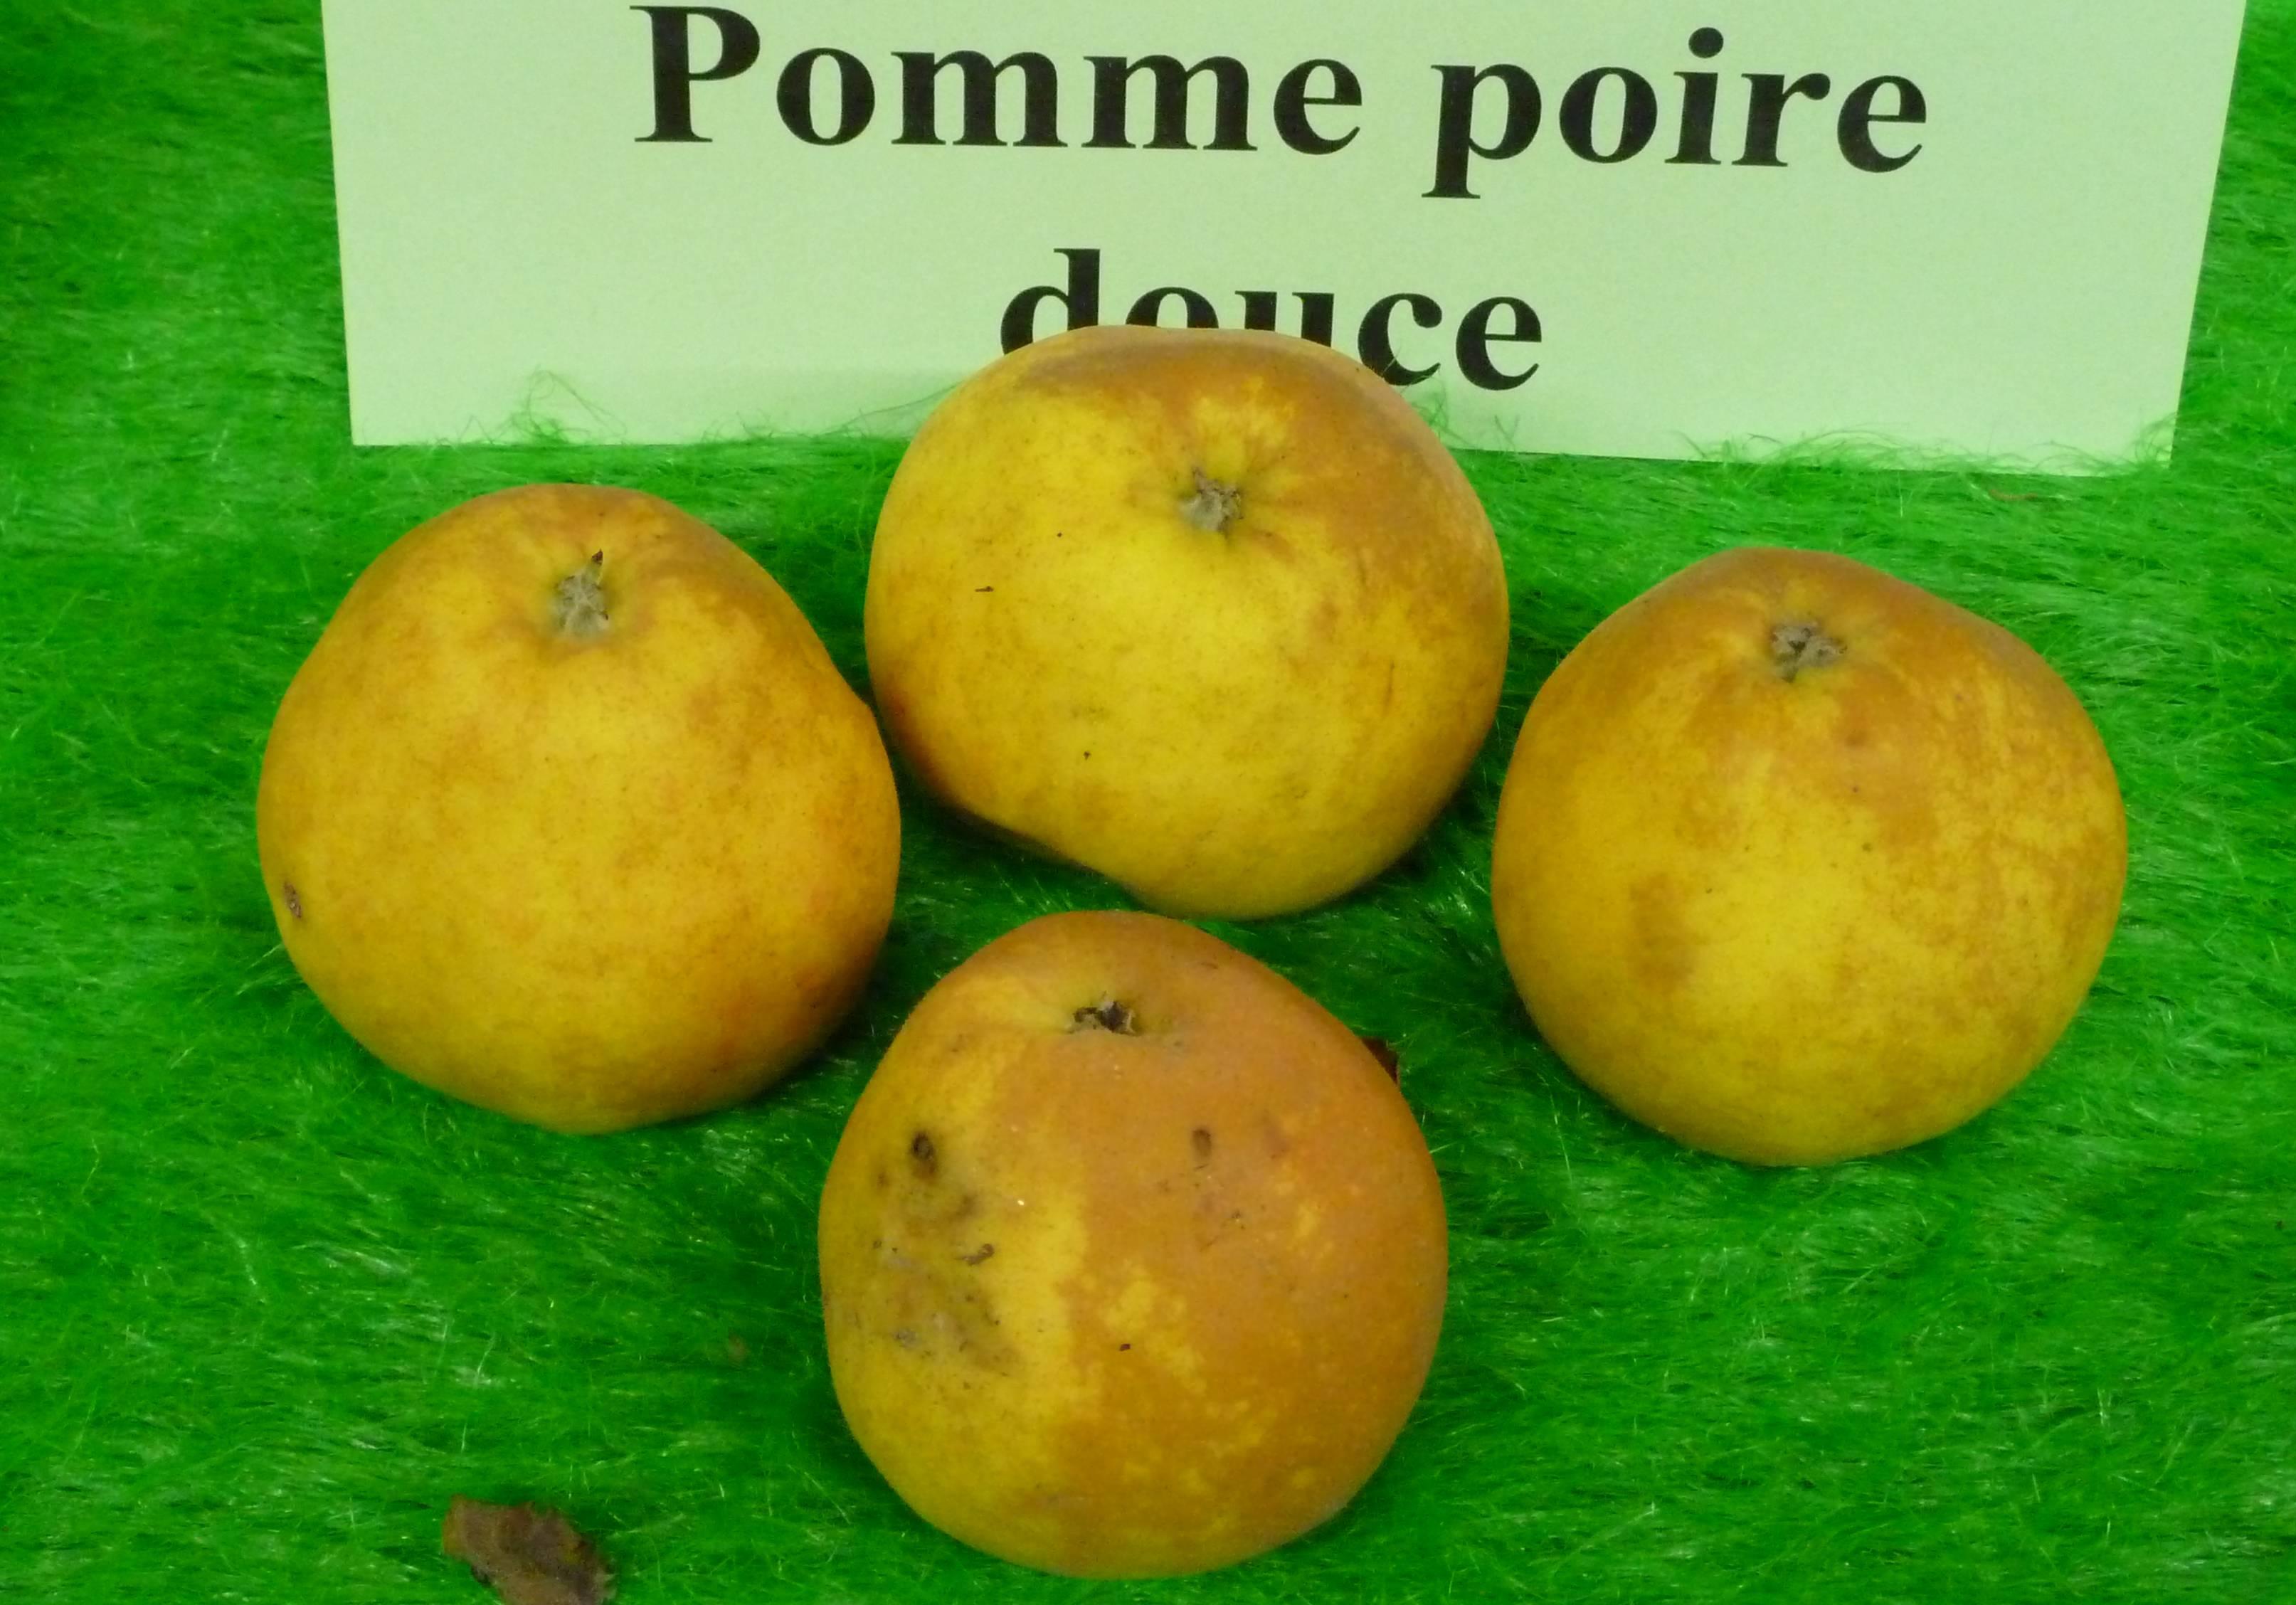 Pomme_Poire_Douce